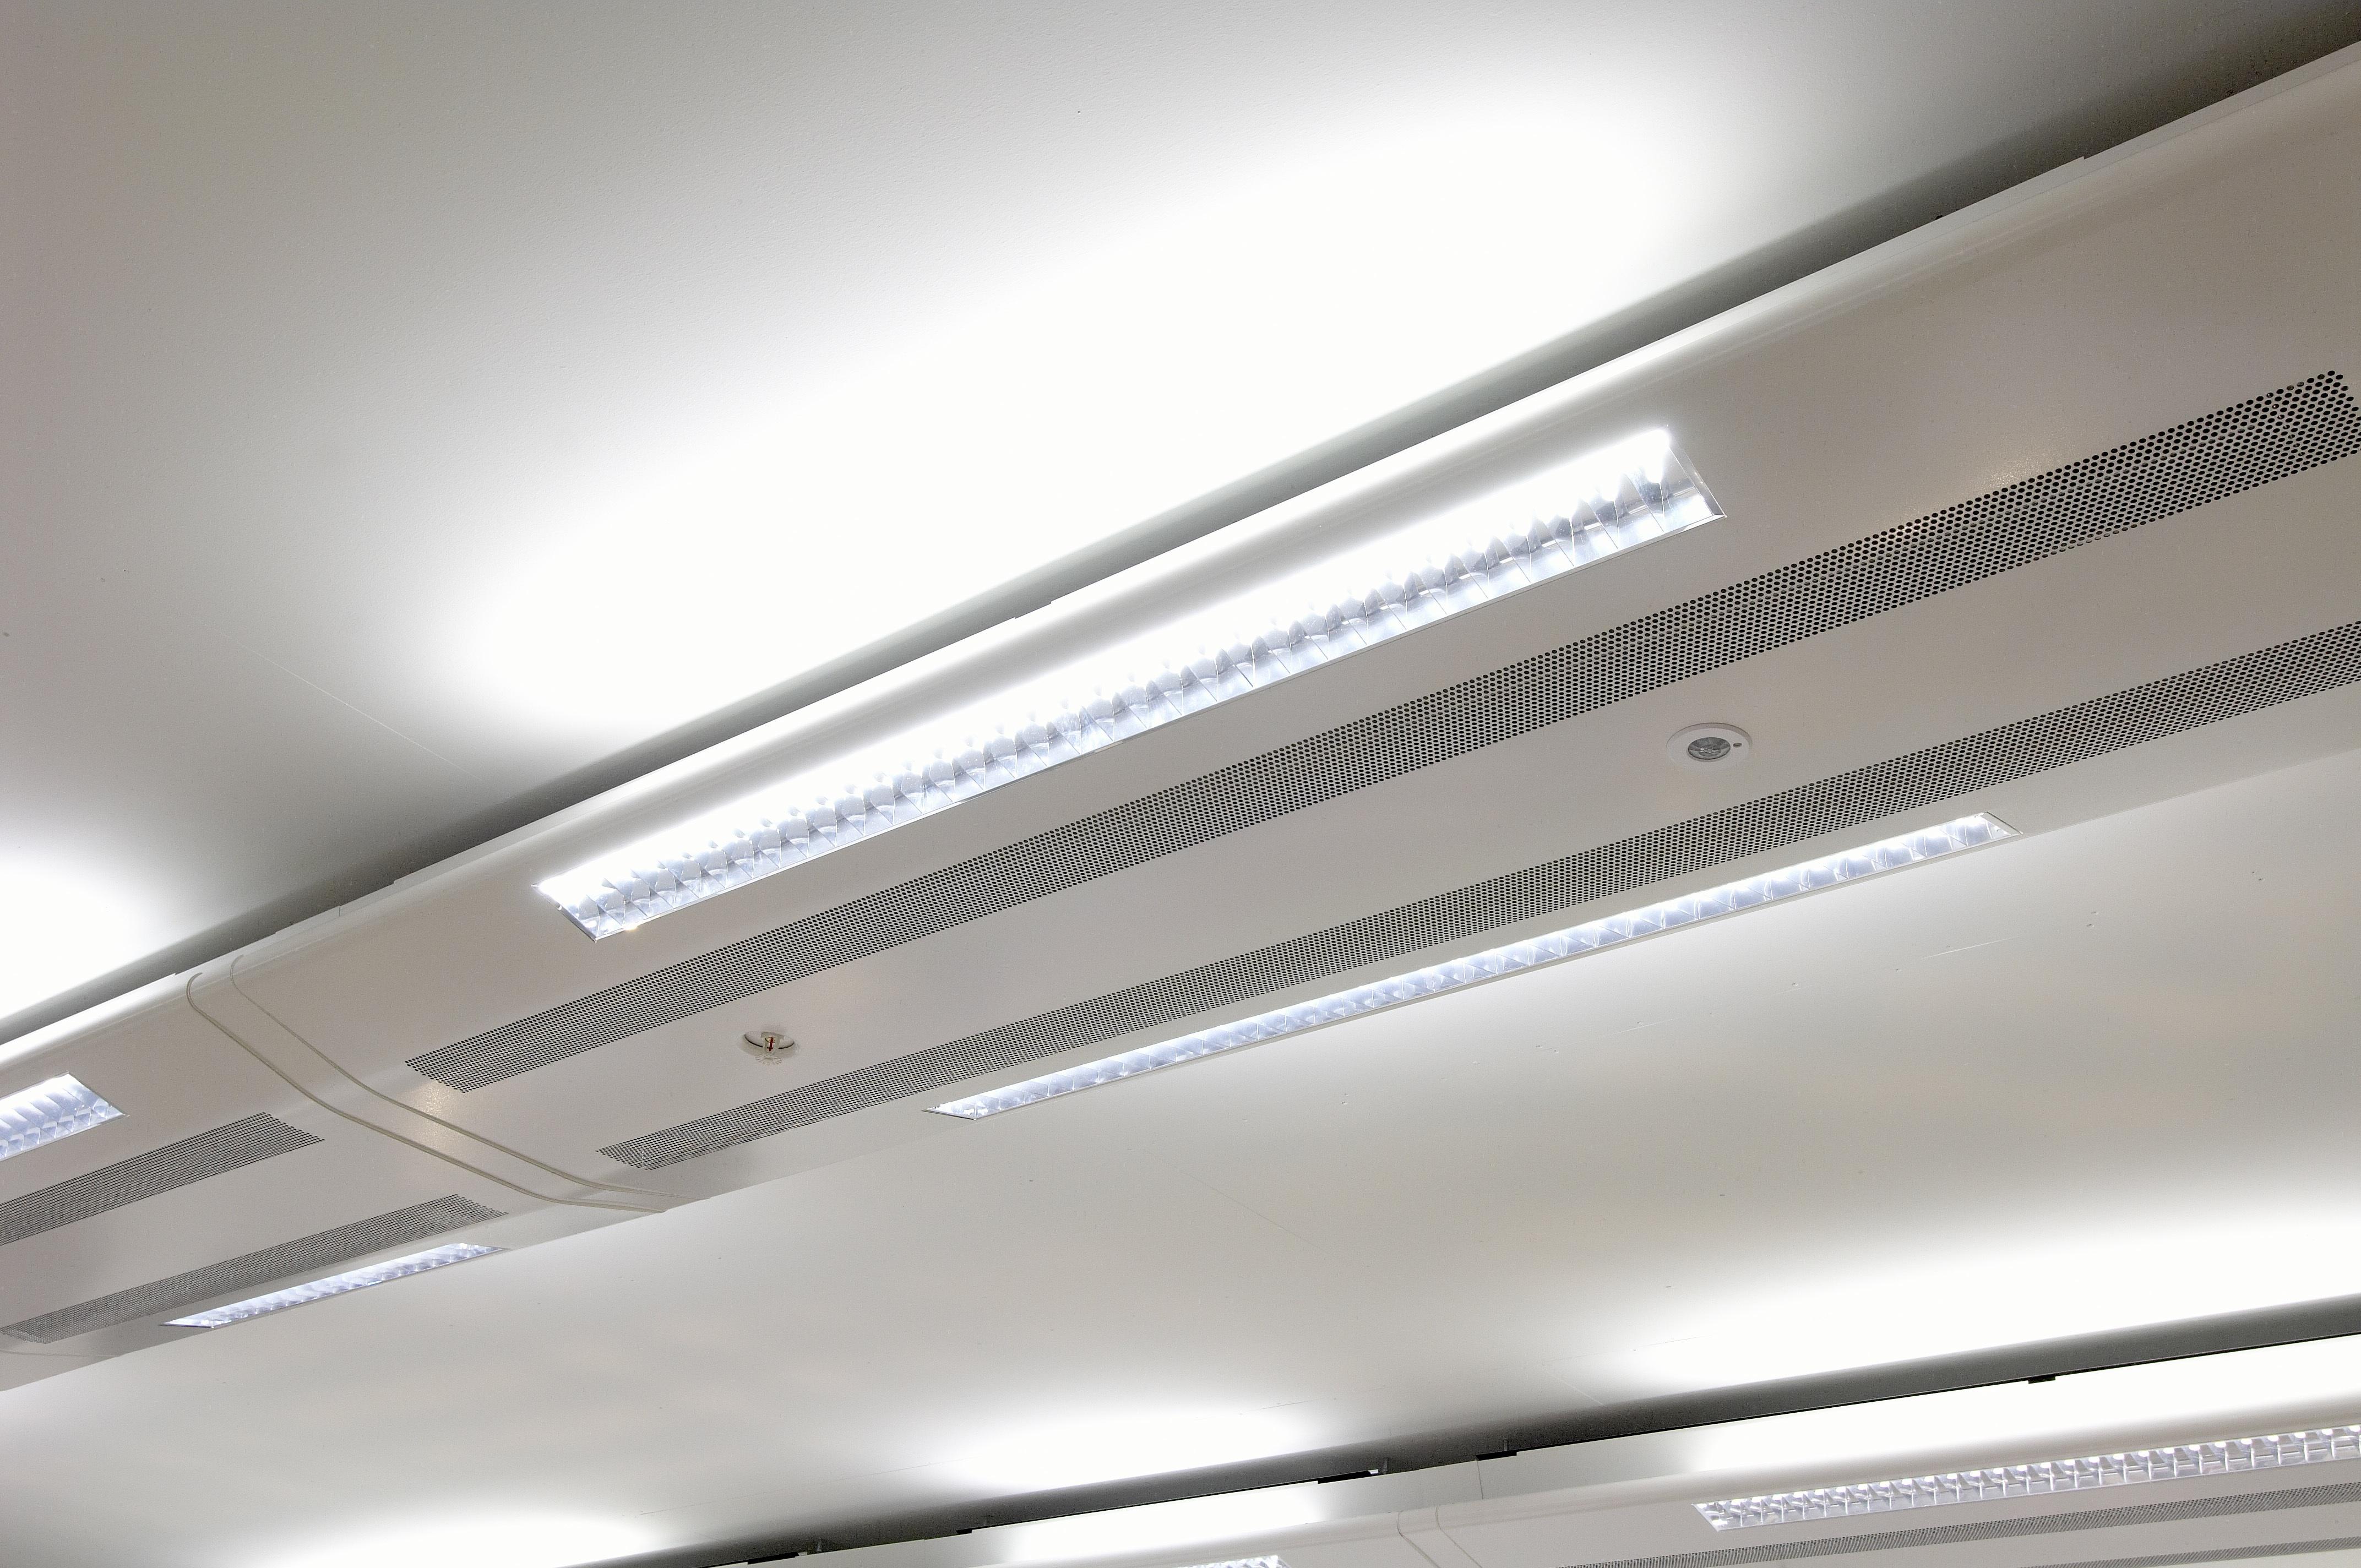 Impianti per solai a vista rci u riscaldamento climatizzazione